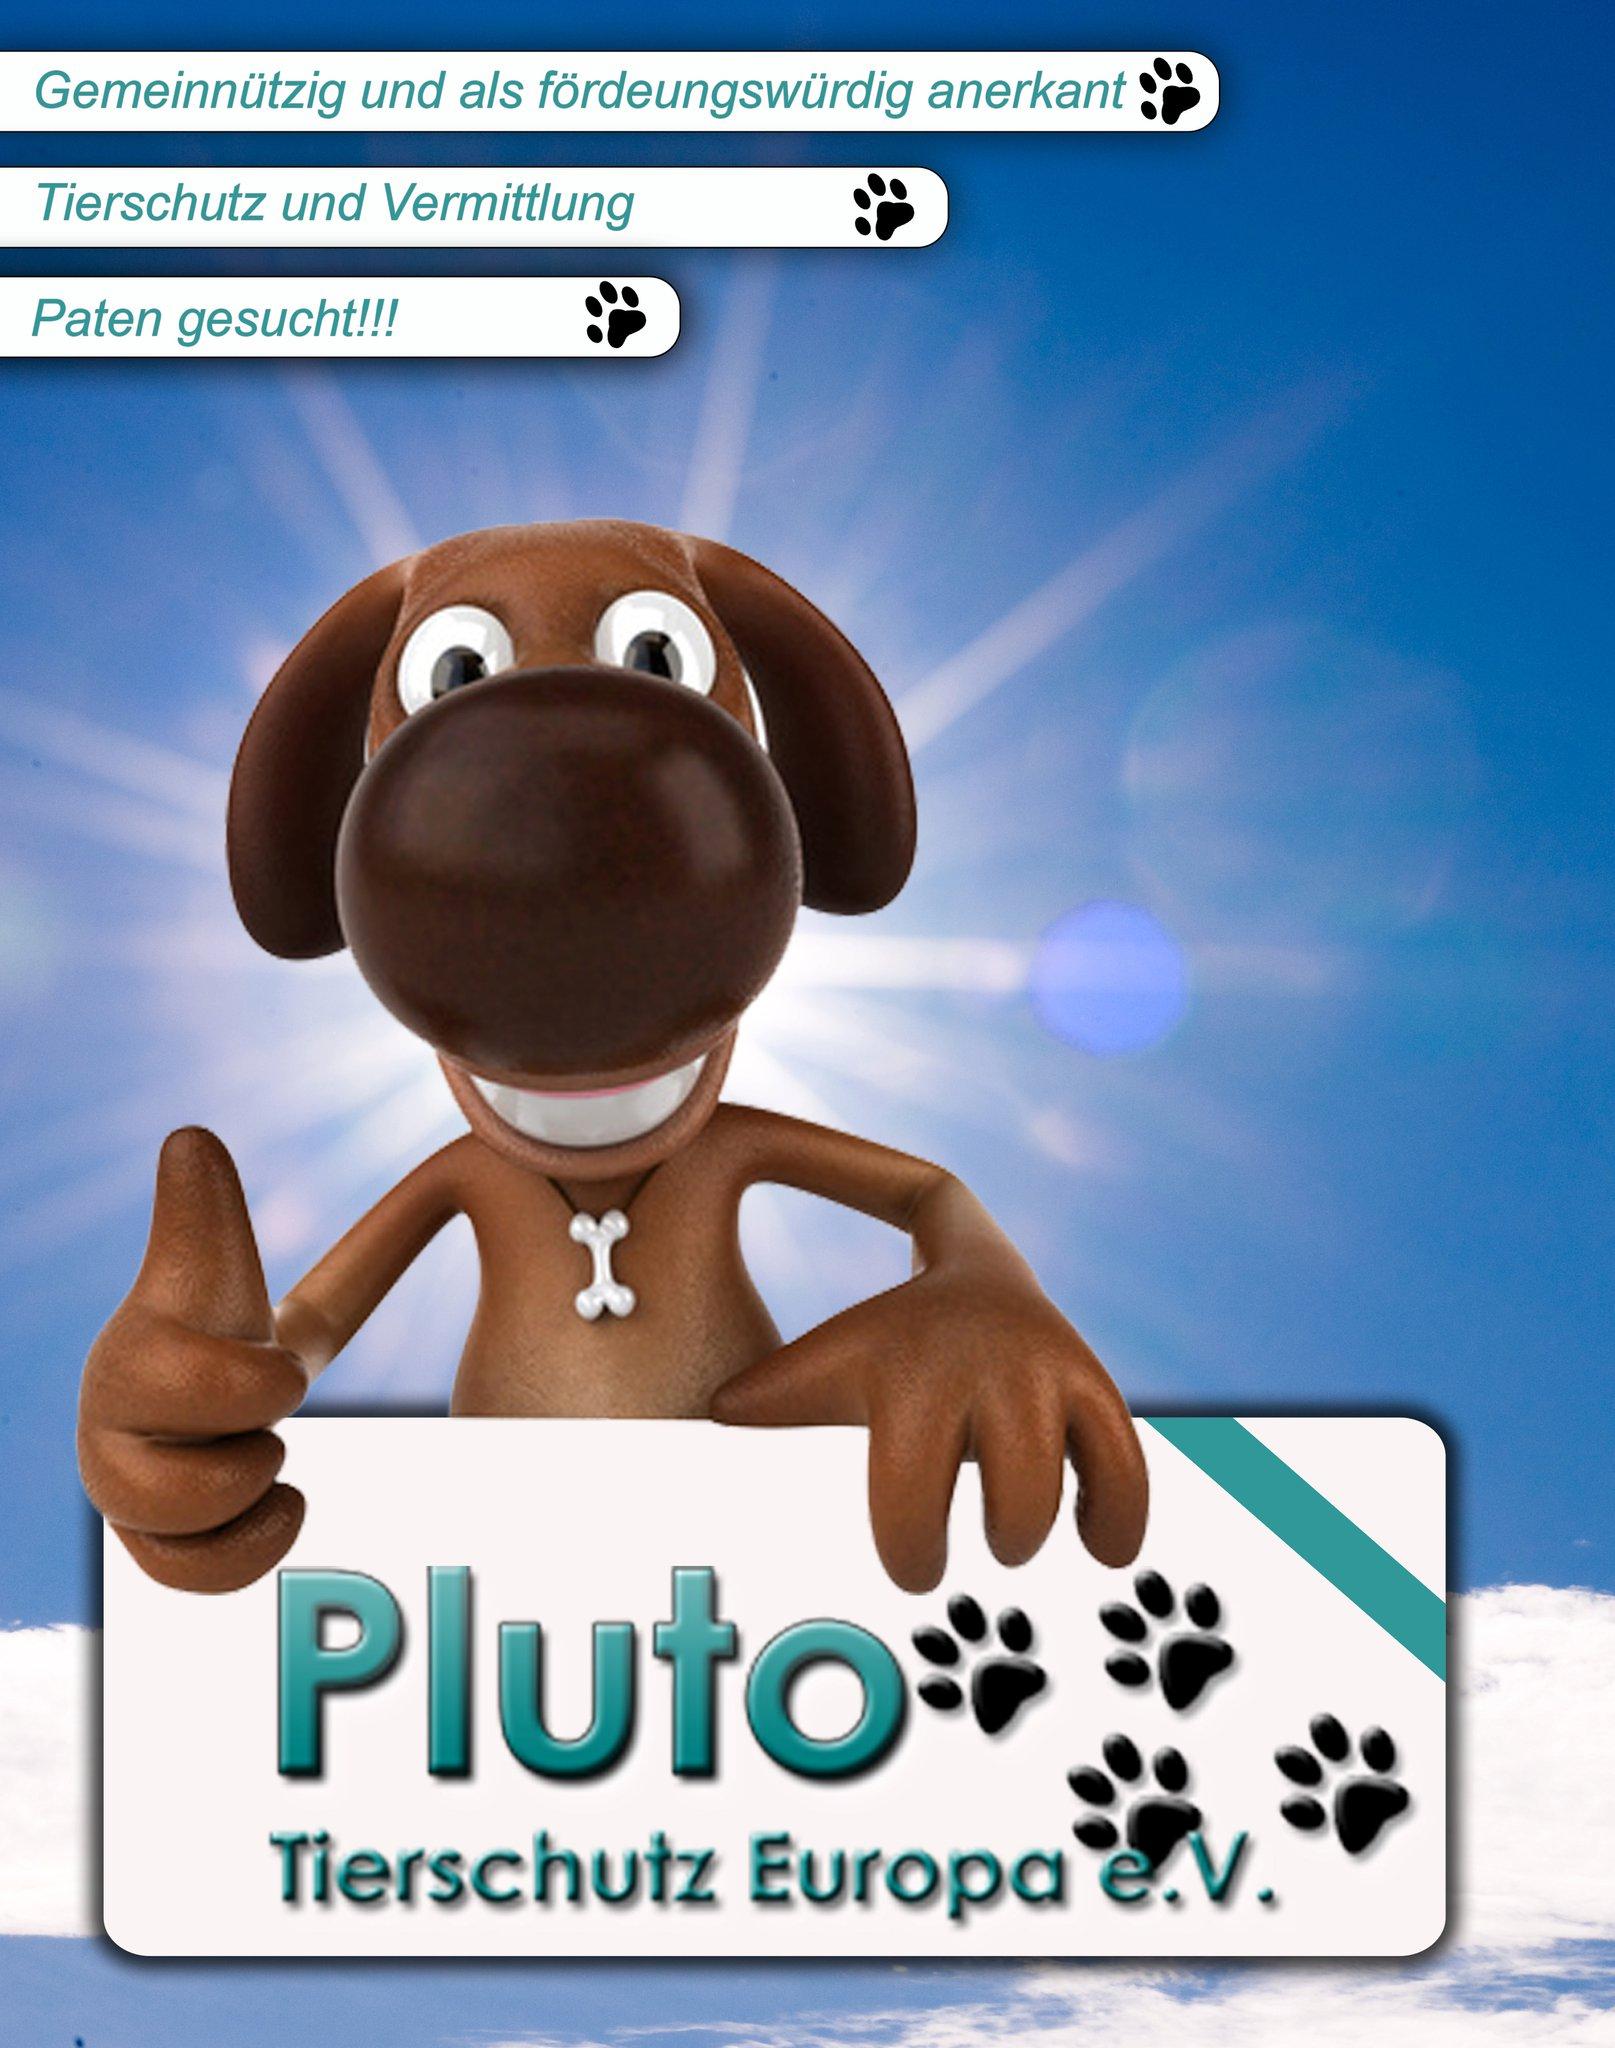 Neue Homepage für Pluto Tierschutz Europa e.V.